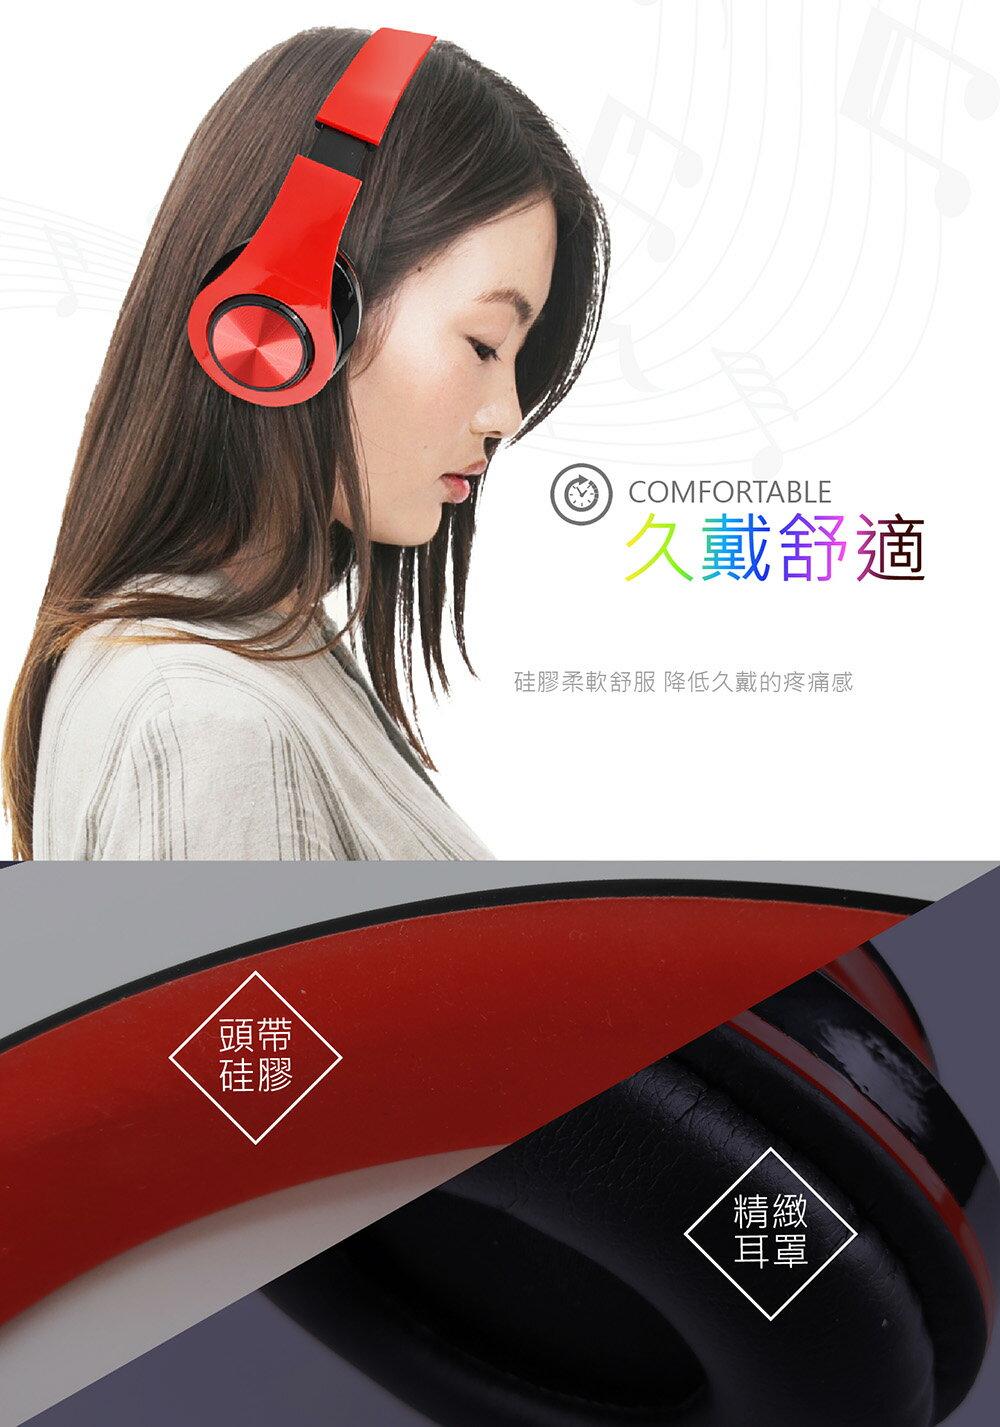 【耳罩式升級版!Wireless炫彩藍牙耳機】可插卡 耳罩式藍牙耳機 可折疊 無線藍芽耳機 藍芽耳機 藍牙 藍芽【DC065】 6